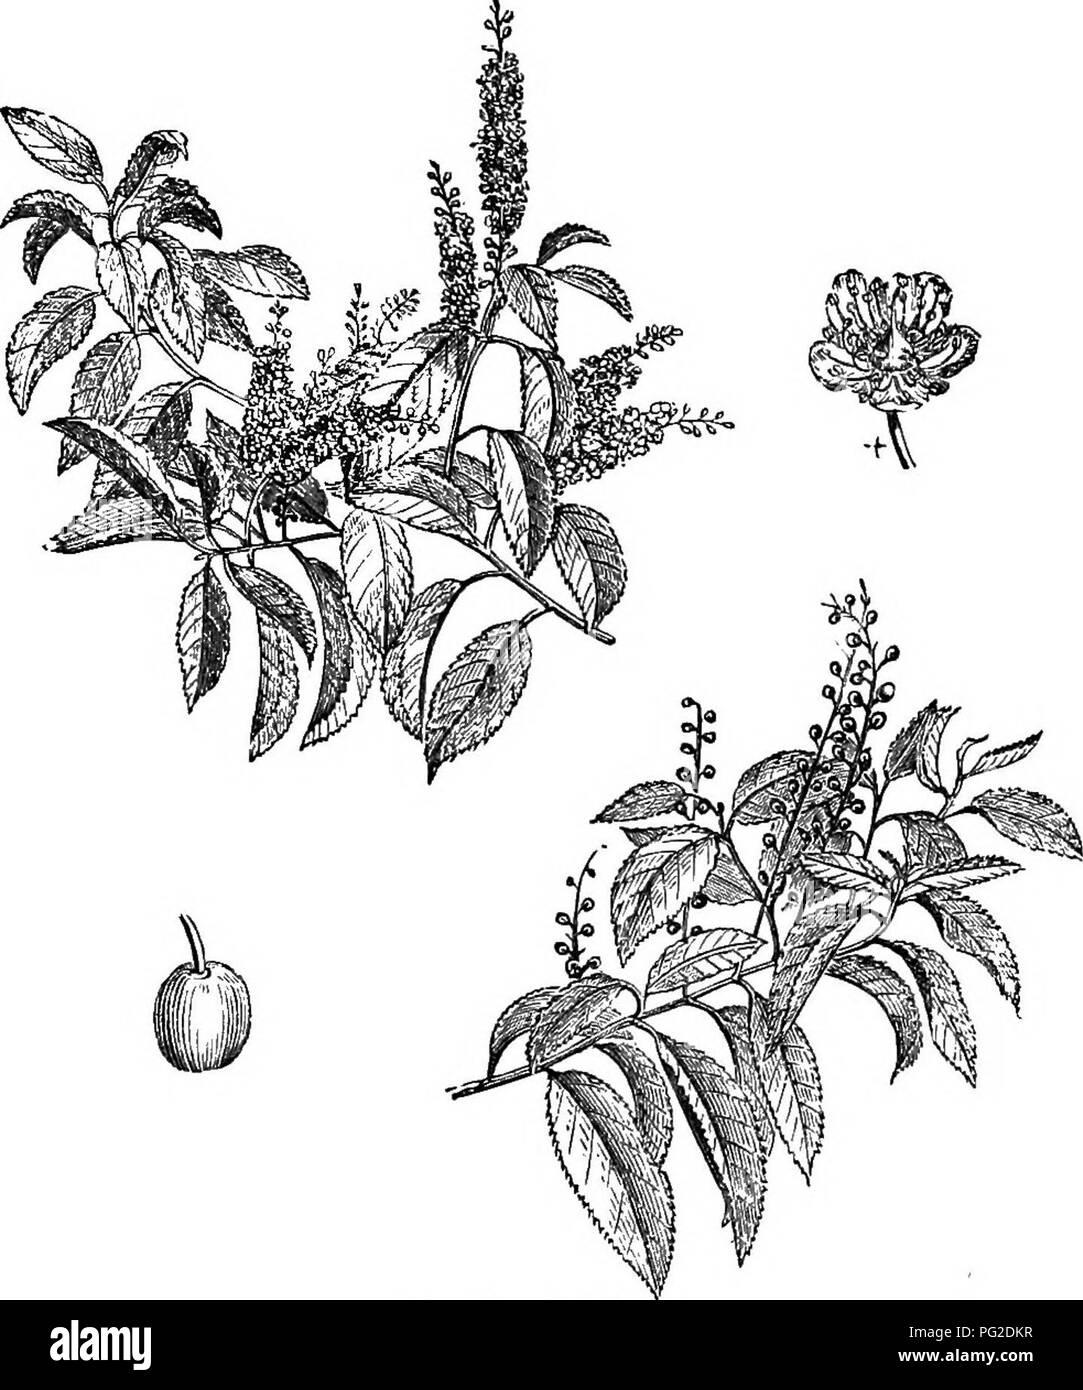 """. Los árboles y arbustos : una versión abreviada del Arboretum et fruticetum britannicum : contienen los hardy schrubs y árboles de Gran Bretaña, nativos y extranjeros, y científicamente descrito popular : con su propagación, cultivo y usos y grabados de casi todas las especies. Los árboles, los arbustos, los bosques y la silvicultura. XXVI. BosA^cE^: ce'rasus. 295. 481. C^rasus lusltiinica. Observa, es su ser """" tan robusto como desafiando el frío más severas de este país; para, en las duras heladas de 1740, cuando casi todos los otros árboles y arbustos perennes fue severamente aplastados, el Portugal laureles conservaron su v Foto de stock"""